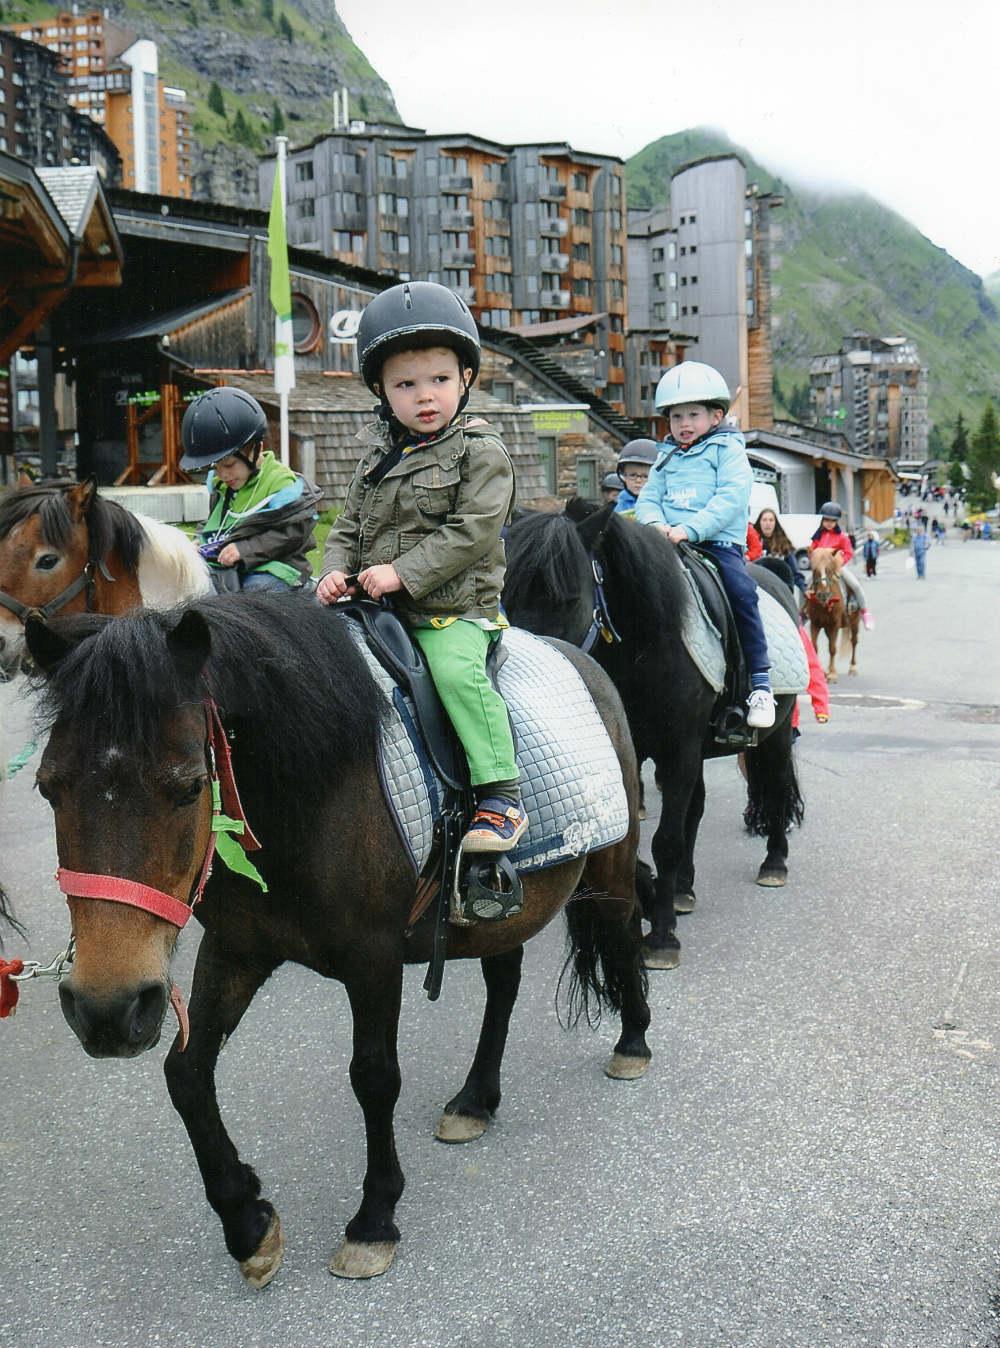 Children's Village Avoriaz Horse riding